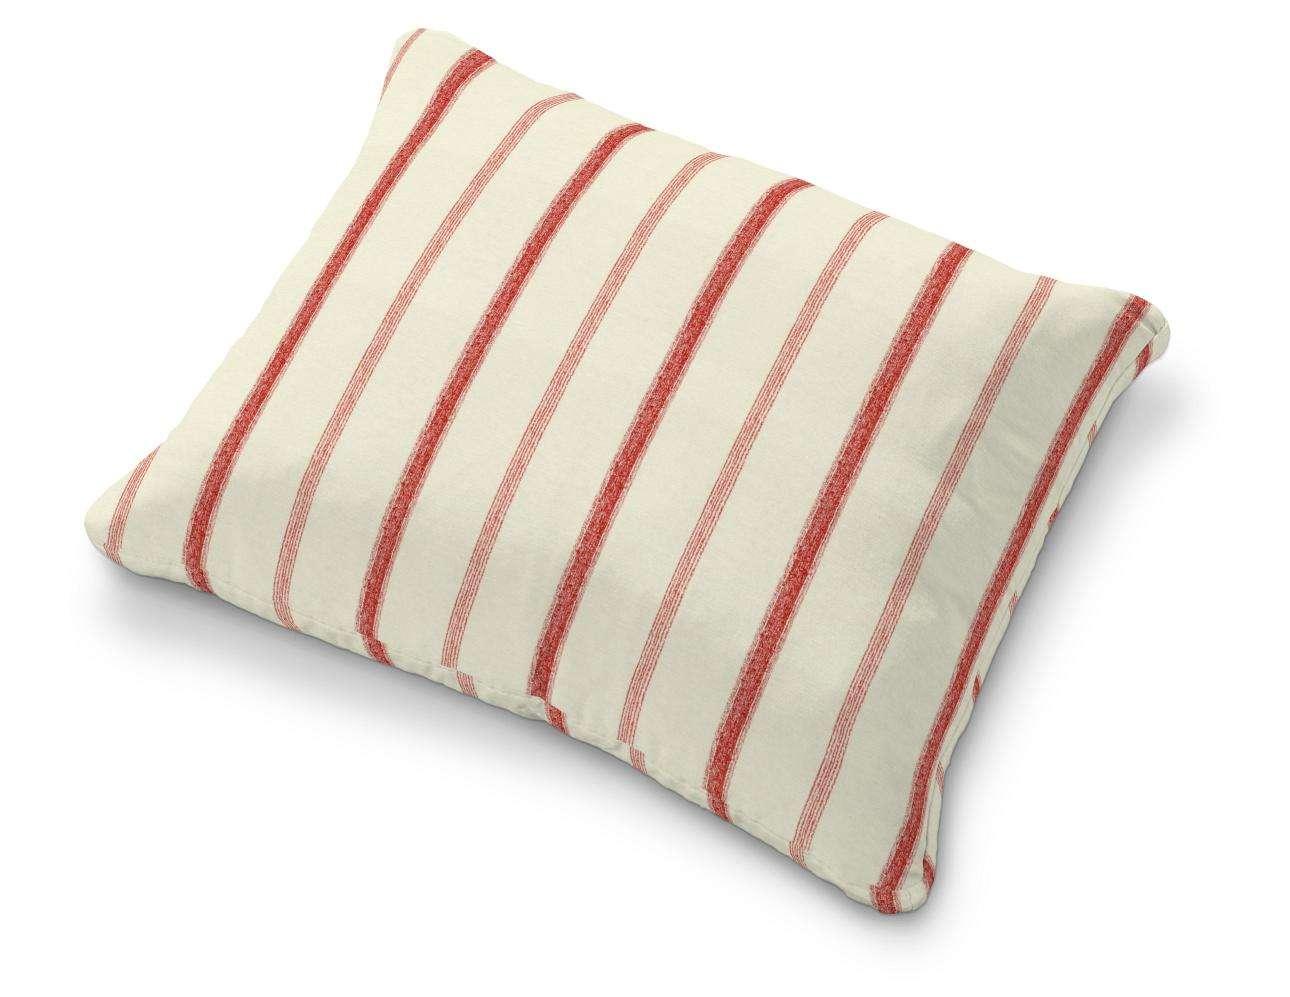 Karlstad pagalvėlės užvalkalas(58 cm x 48 cm) Karlstad pagavėlės užvalkalas 58x48cm kolekcijoje Avinon, audinys: 129-15